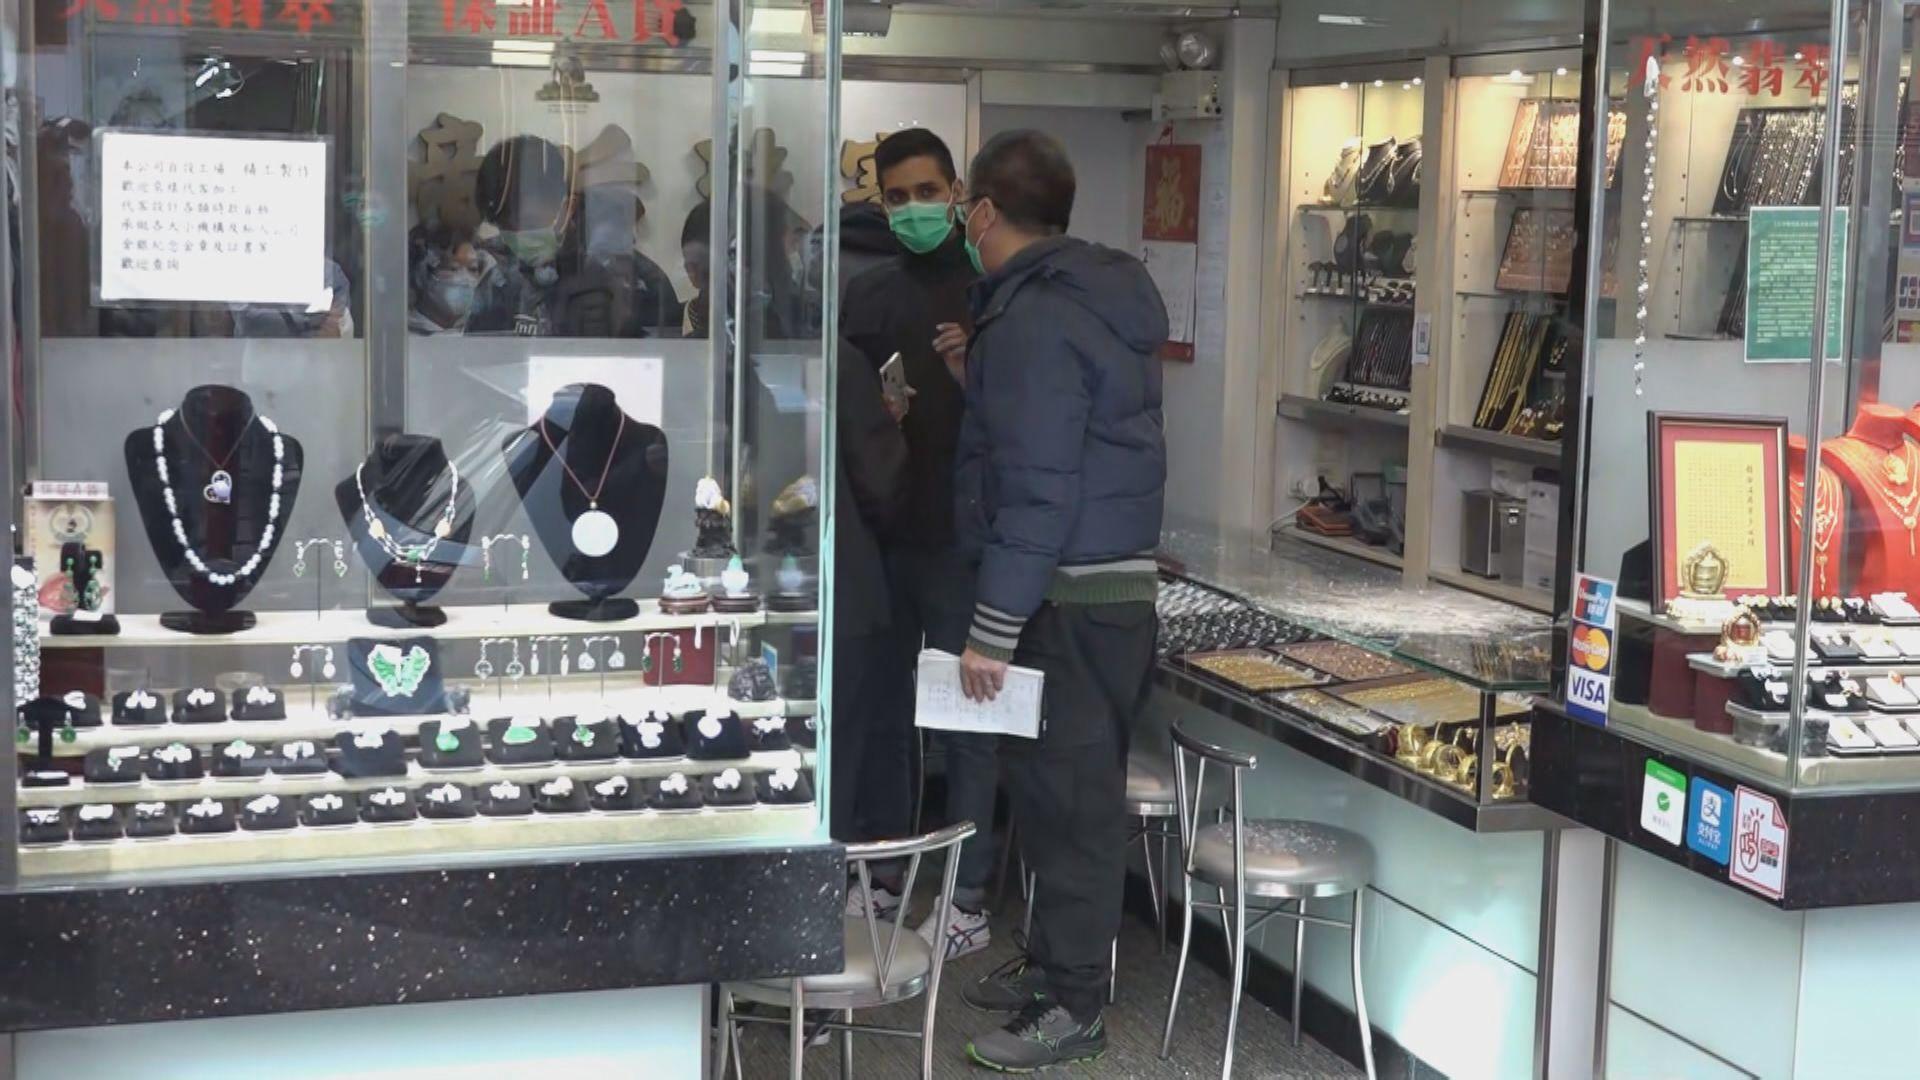 佐敦珠寶店遇劫 損失約值十四萬元金飾